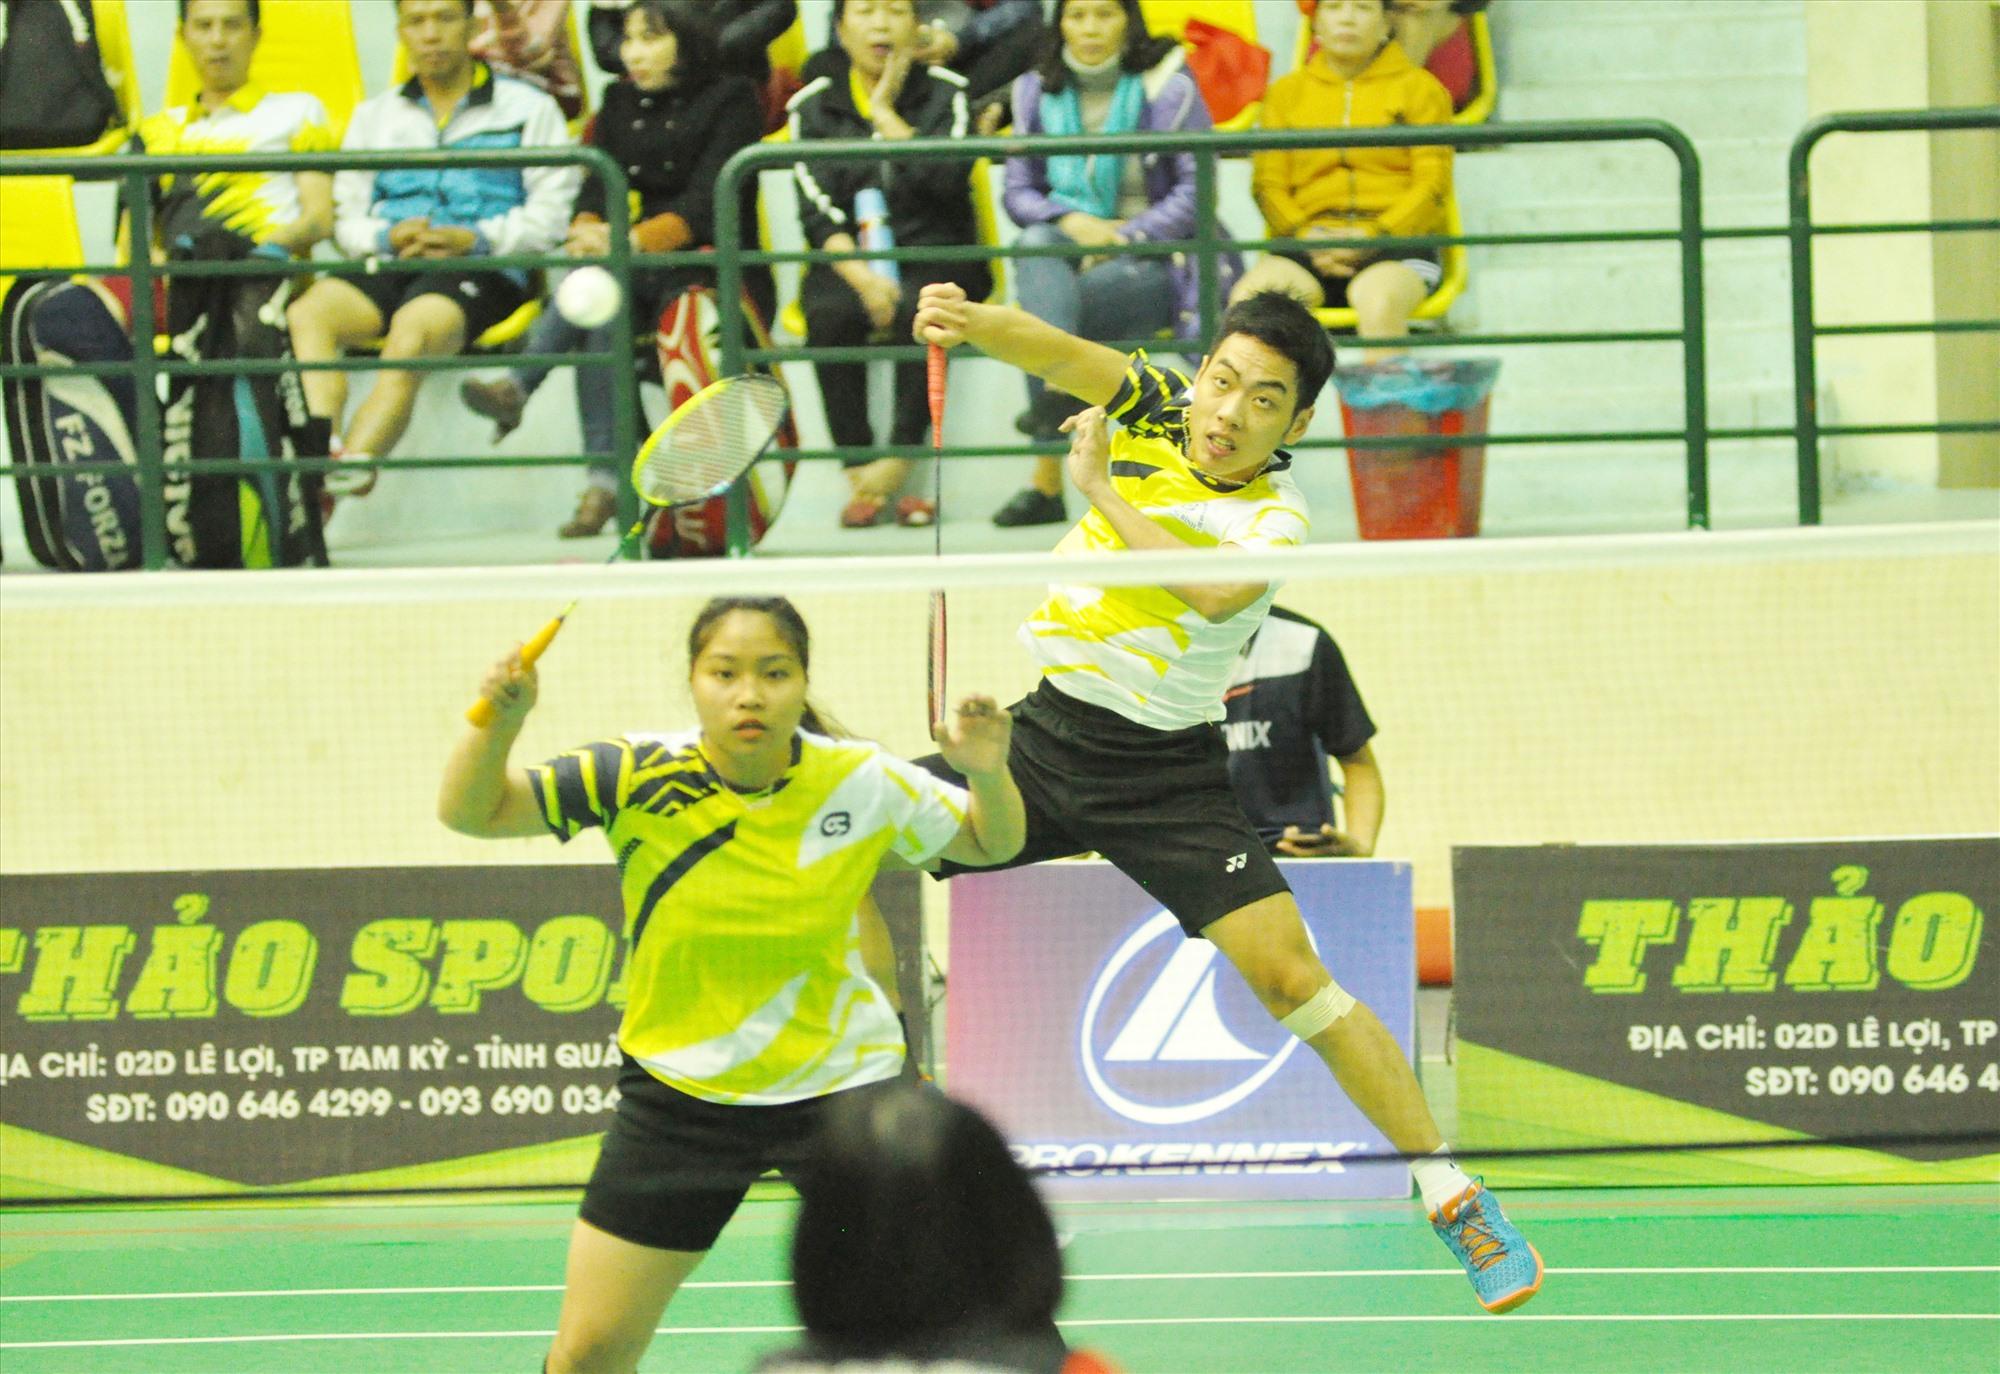 Giải cầu lông các câu lạc bộ tỉnh Quảng Nam luôn diễn ra hấp dẫn. !Ảnh: T.V